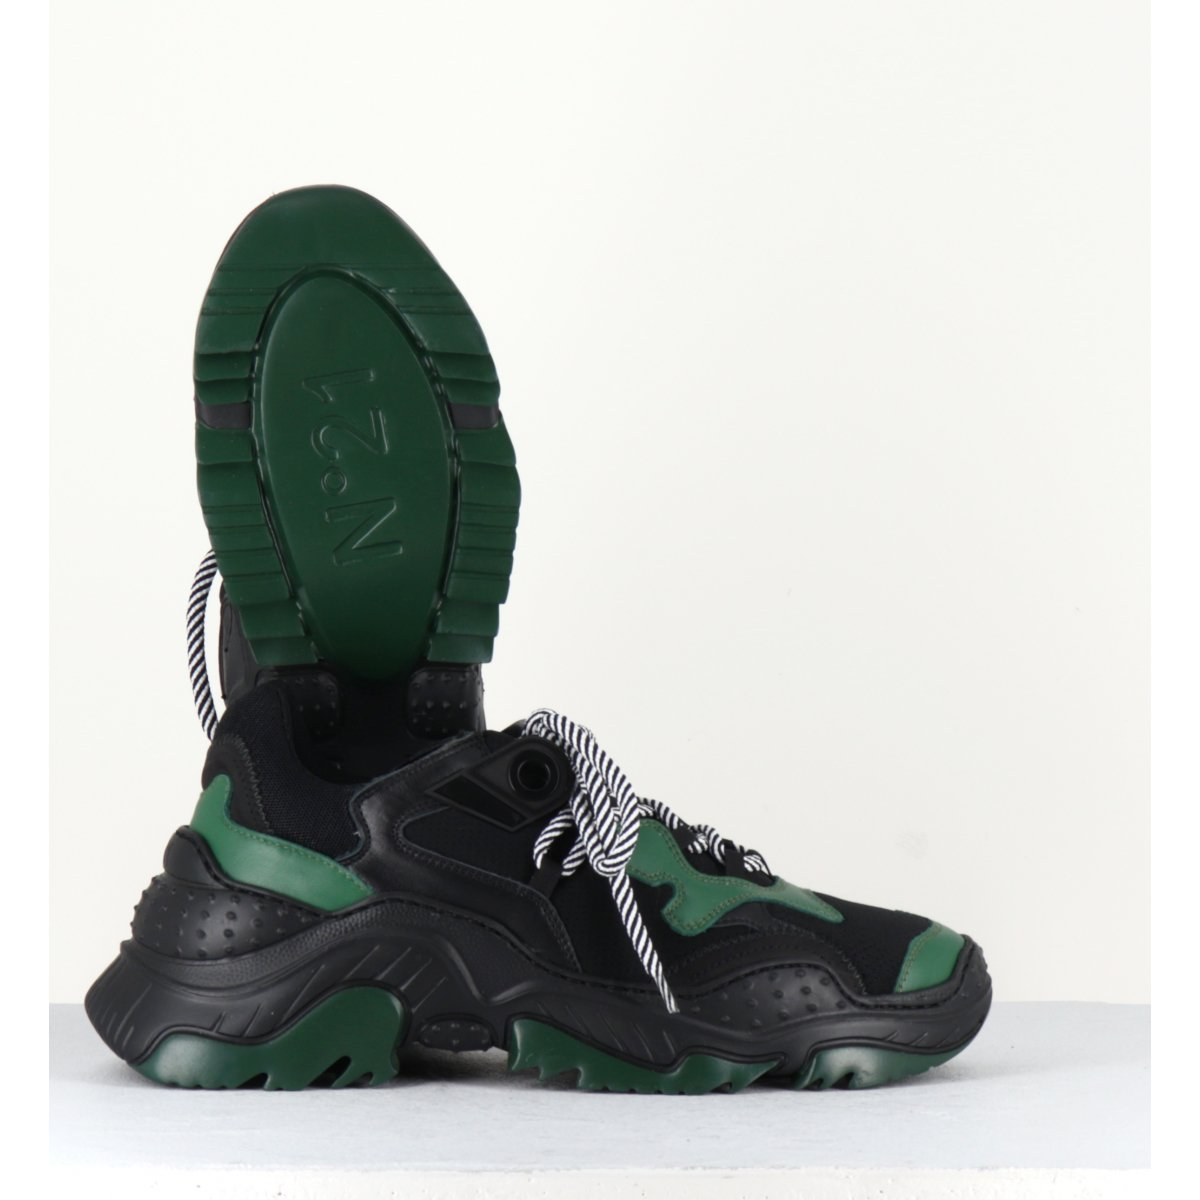 Sneakers à semelles épaisses débordantes noir N°21 pour hommes - 118FV